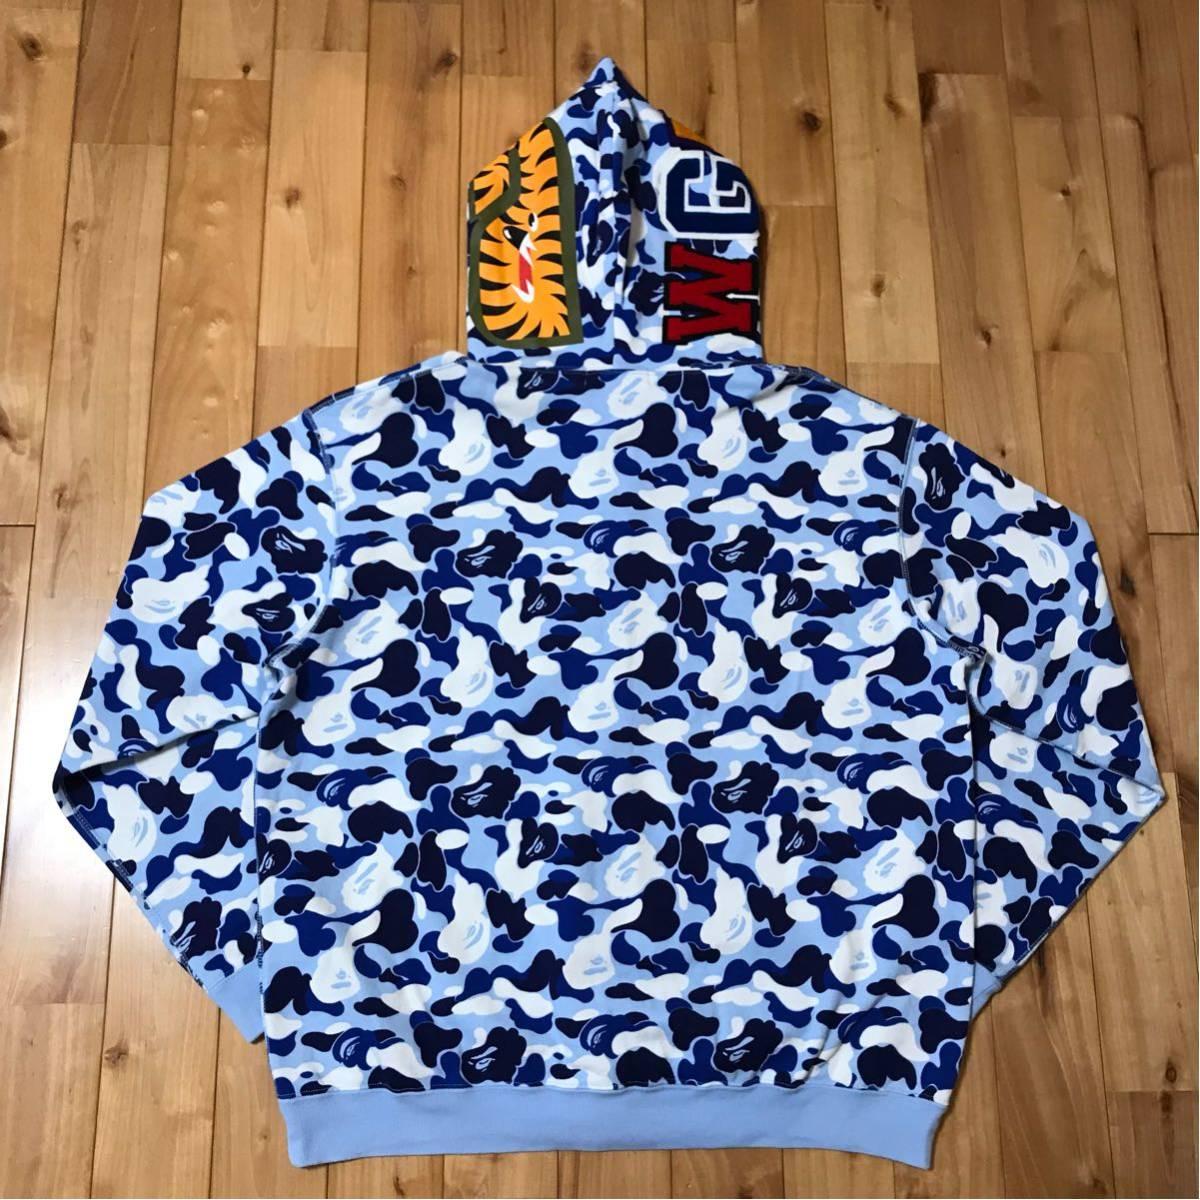 ★名古屋限定★ nagoya store limited color camo シャーク パーカー shark full zip hoodie a bathing ape BAPE city ベイプ 都市限定